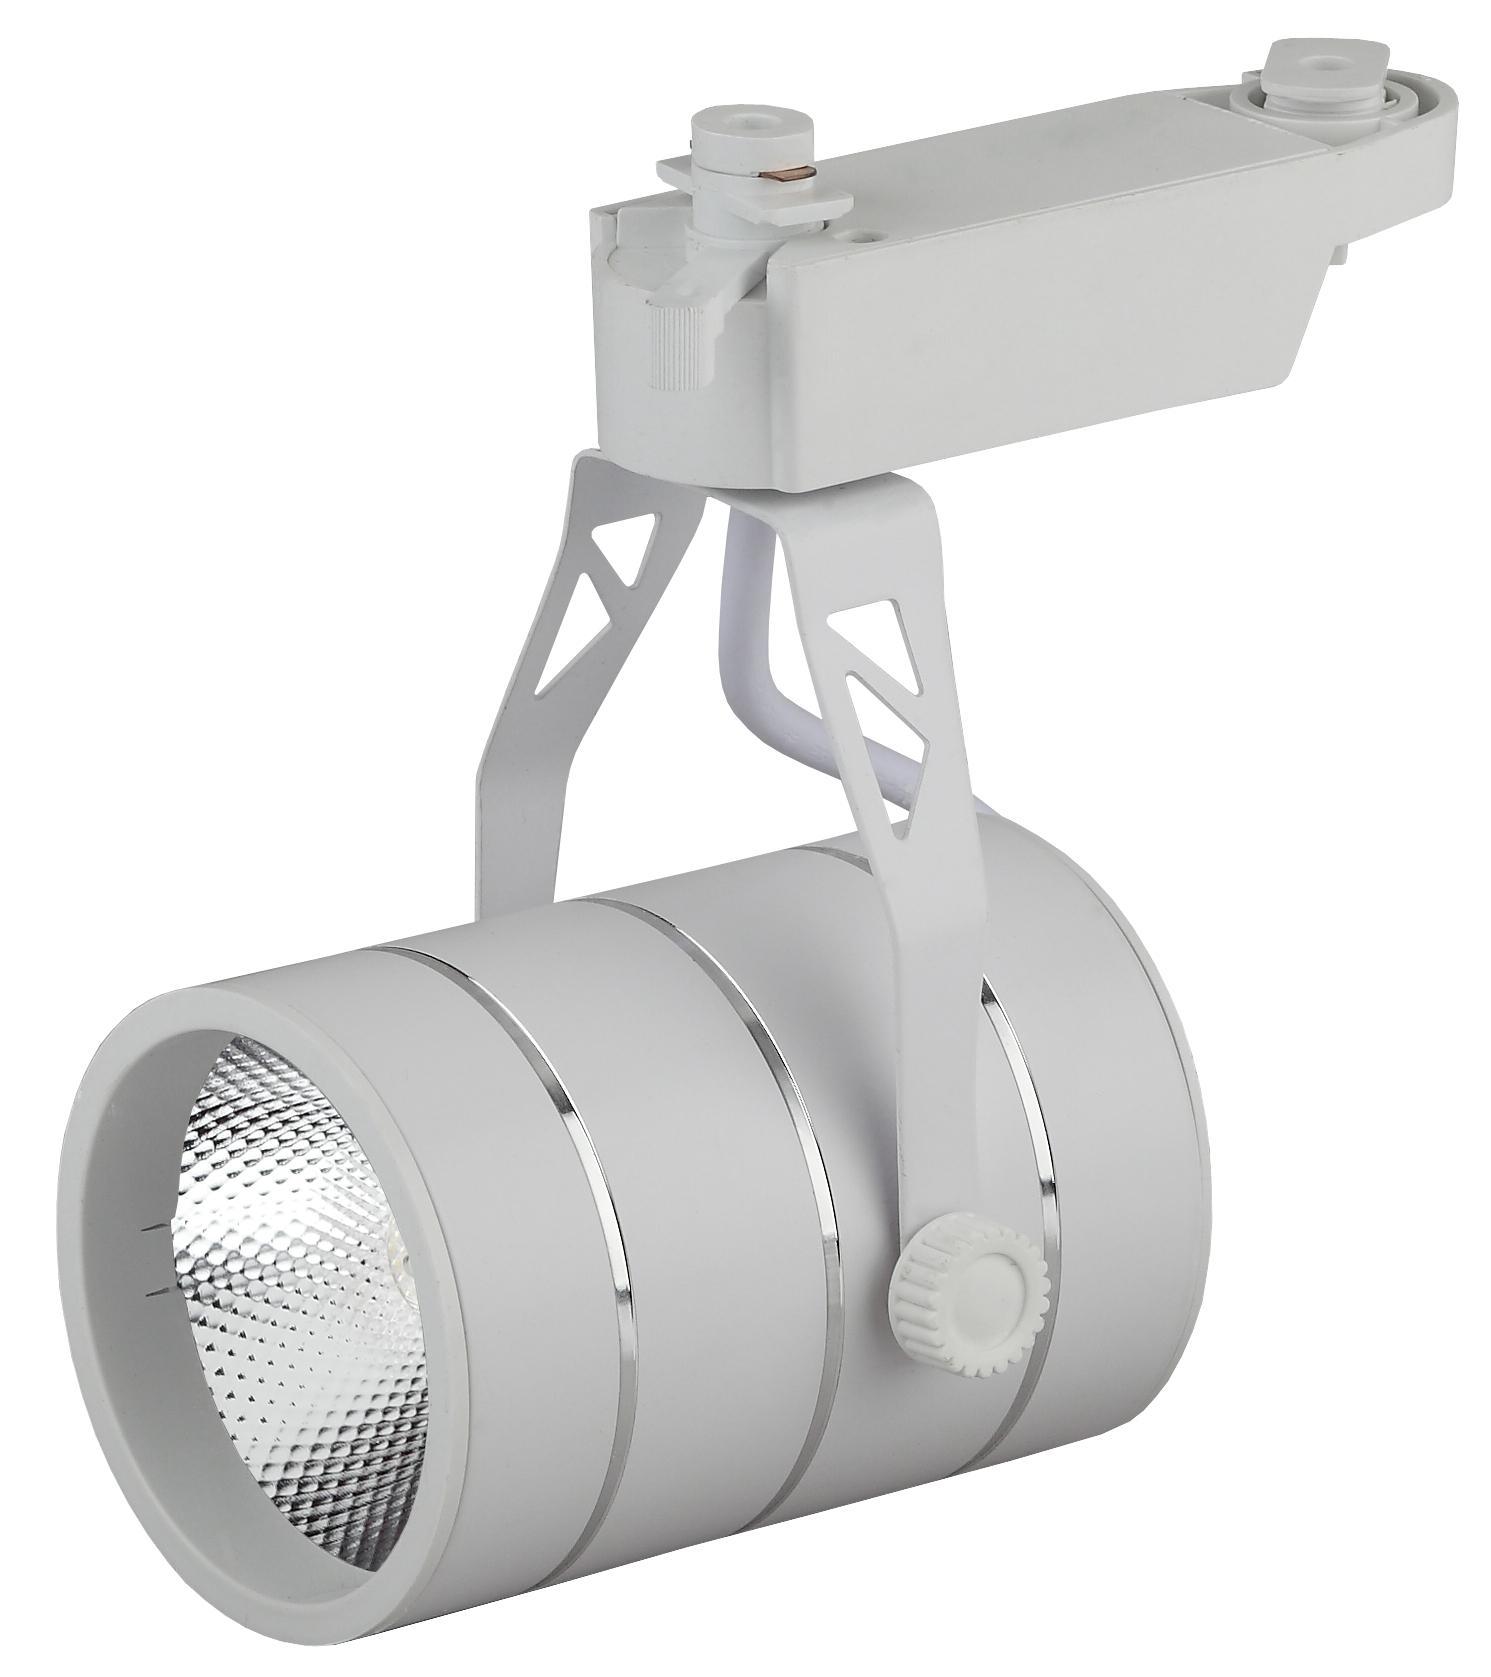 Светильник ЭРА Tr3 - 10 wh